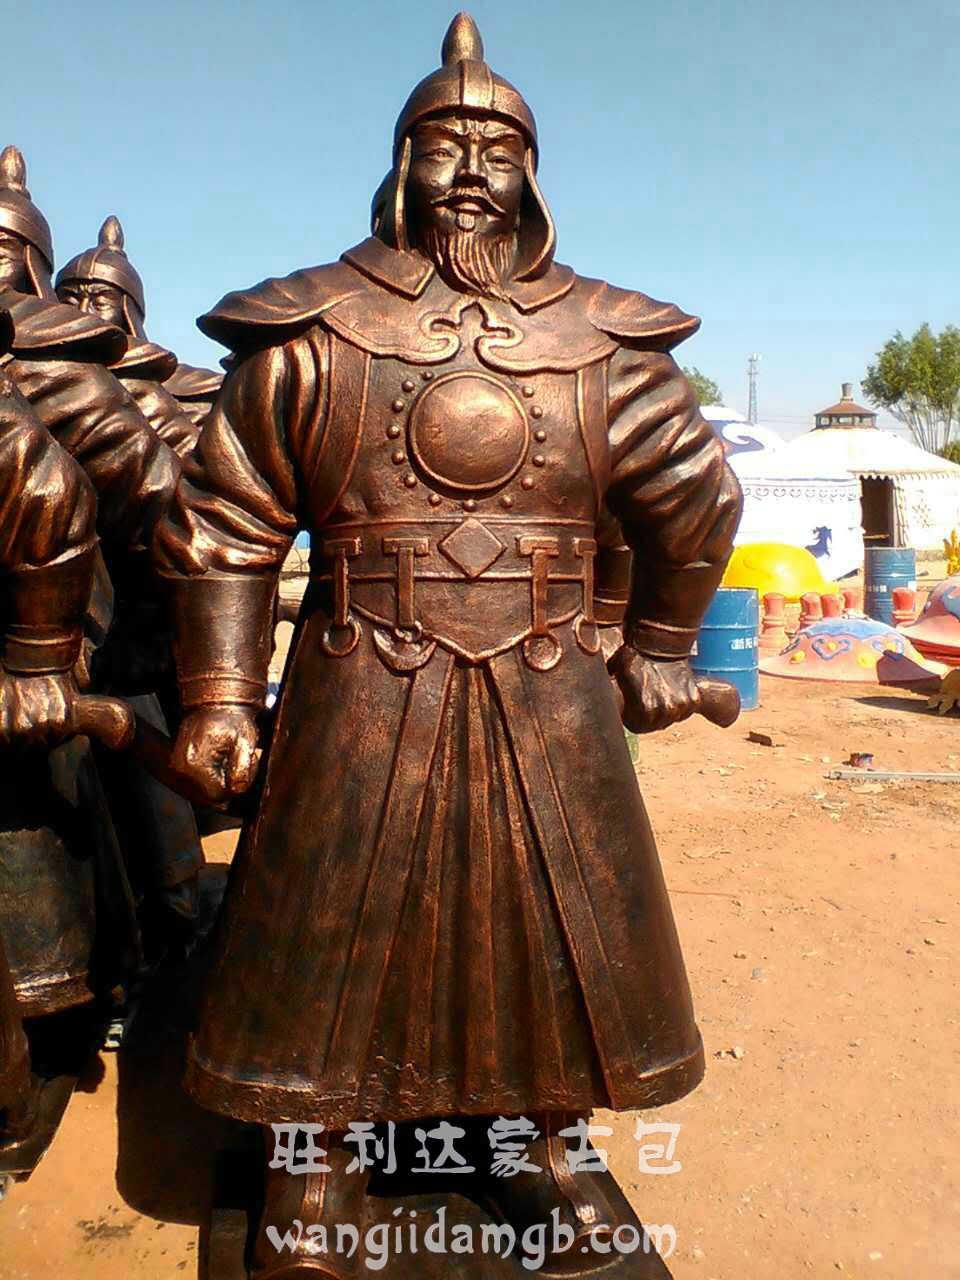 價格超值的蒙古包家具批銷,烏蘭察布蒙古包內飾公司